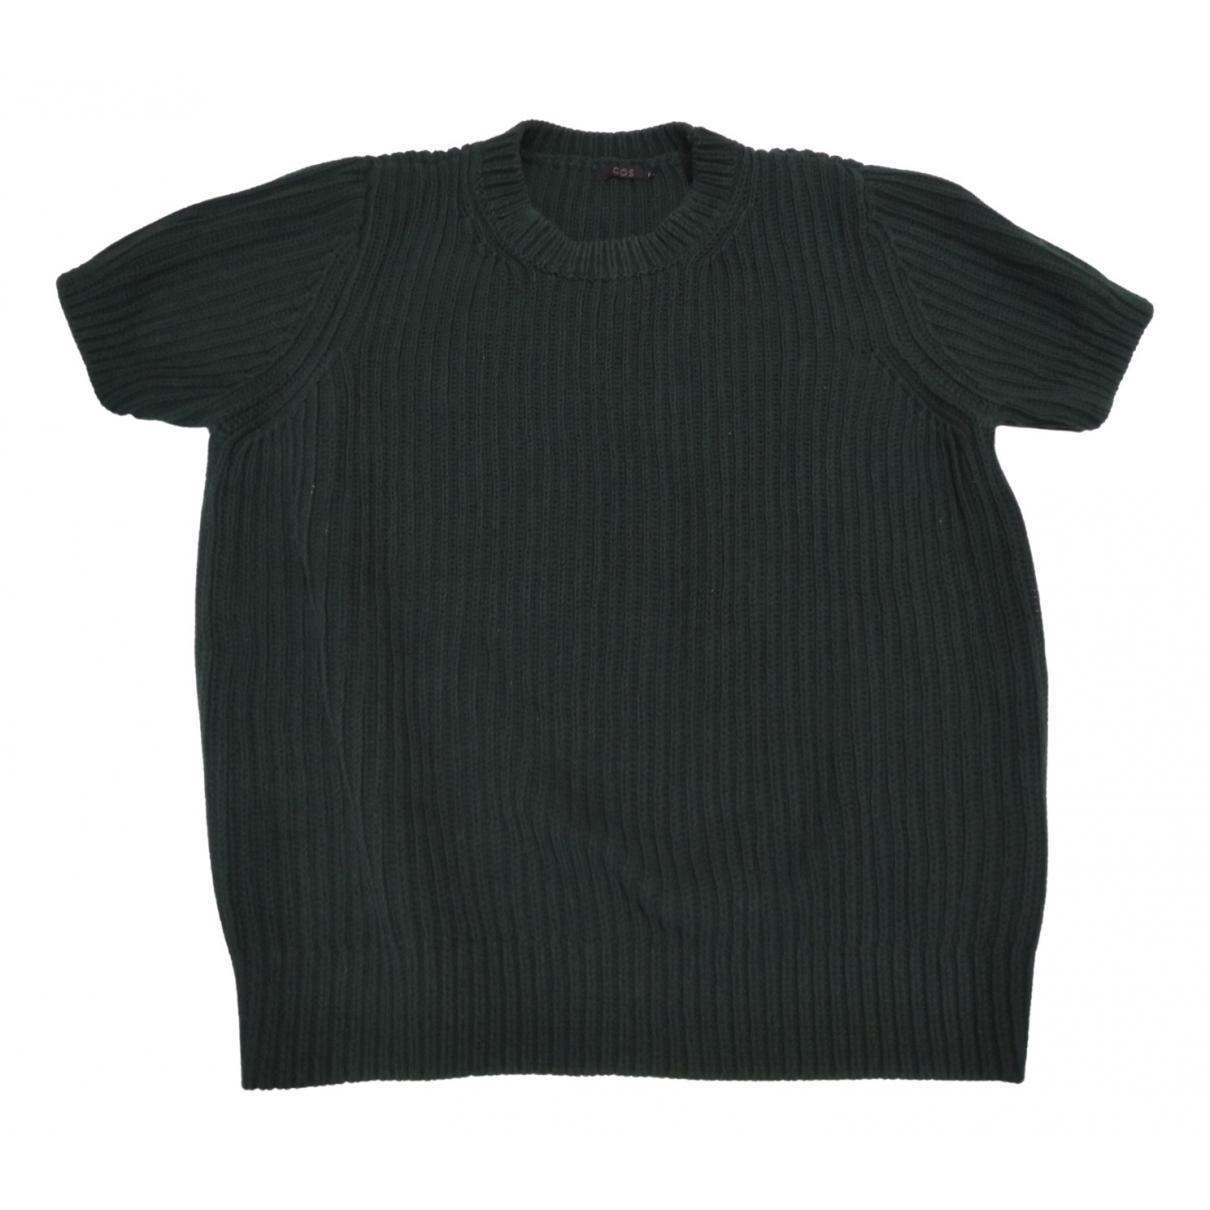 Cos \N Green Cotton Knitwear for Women M International